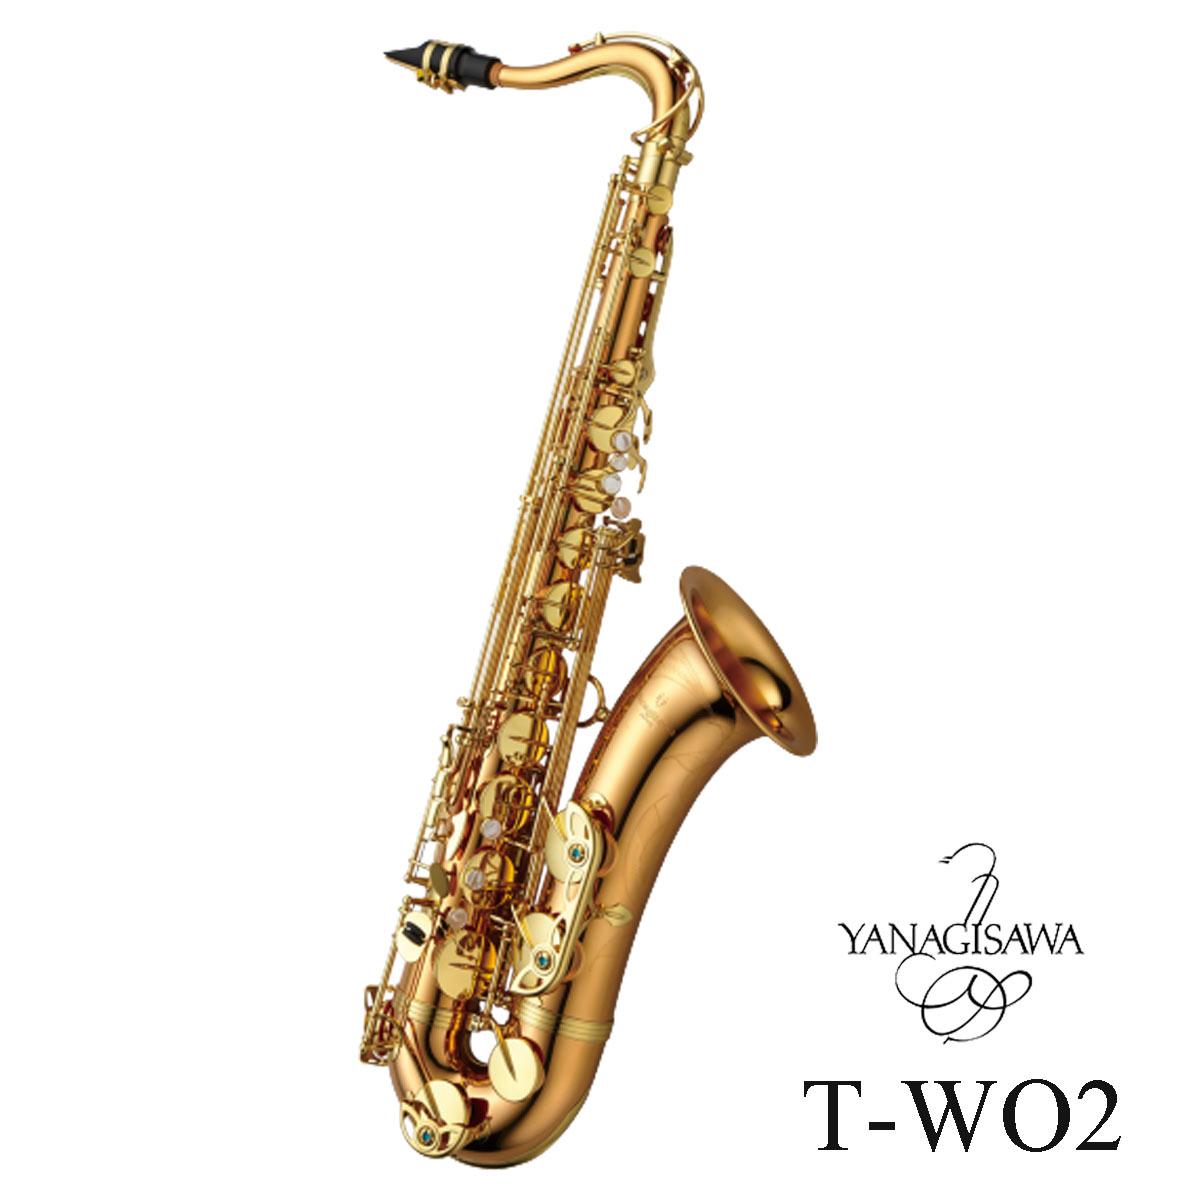 【在庫あり】Yanagisawa TENOR SAXOPHONE T-WO2 ヤナギサワ テナーサックス ダブルオーシリーズ【出荷前検品】【5年保証】